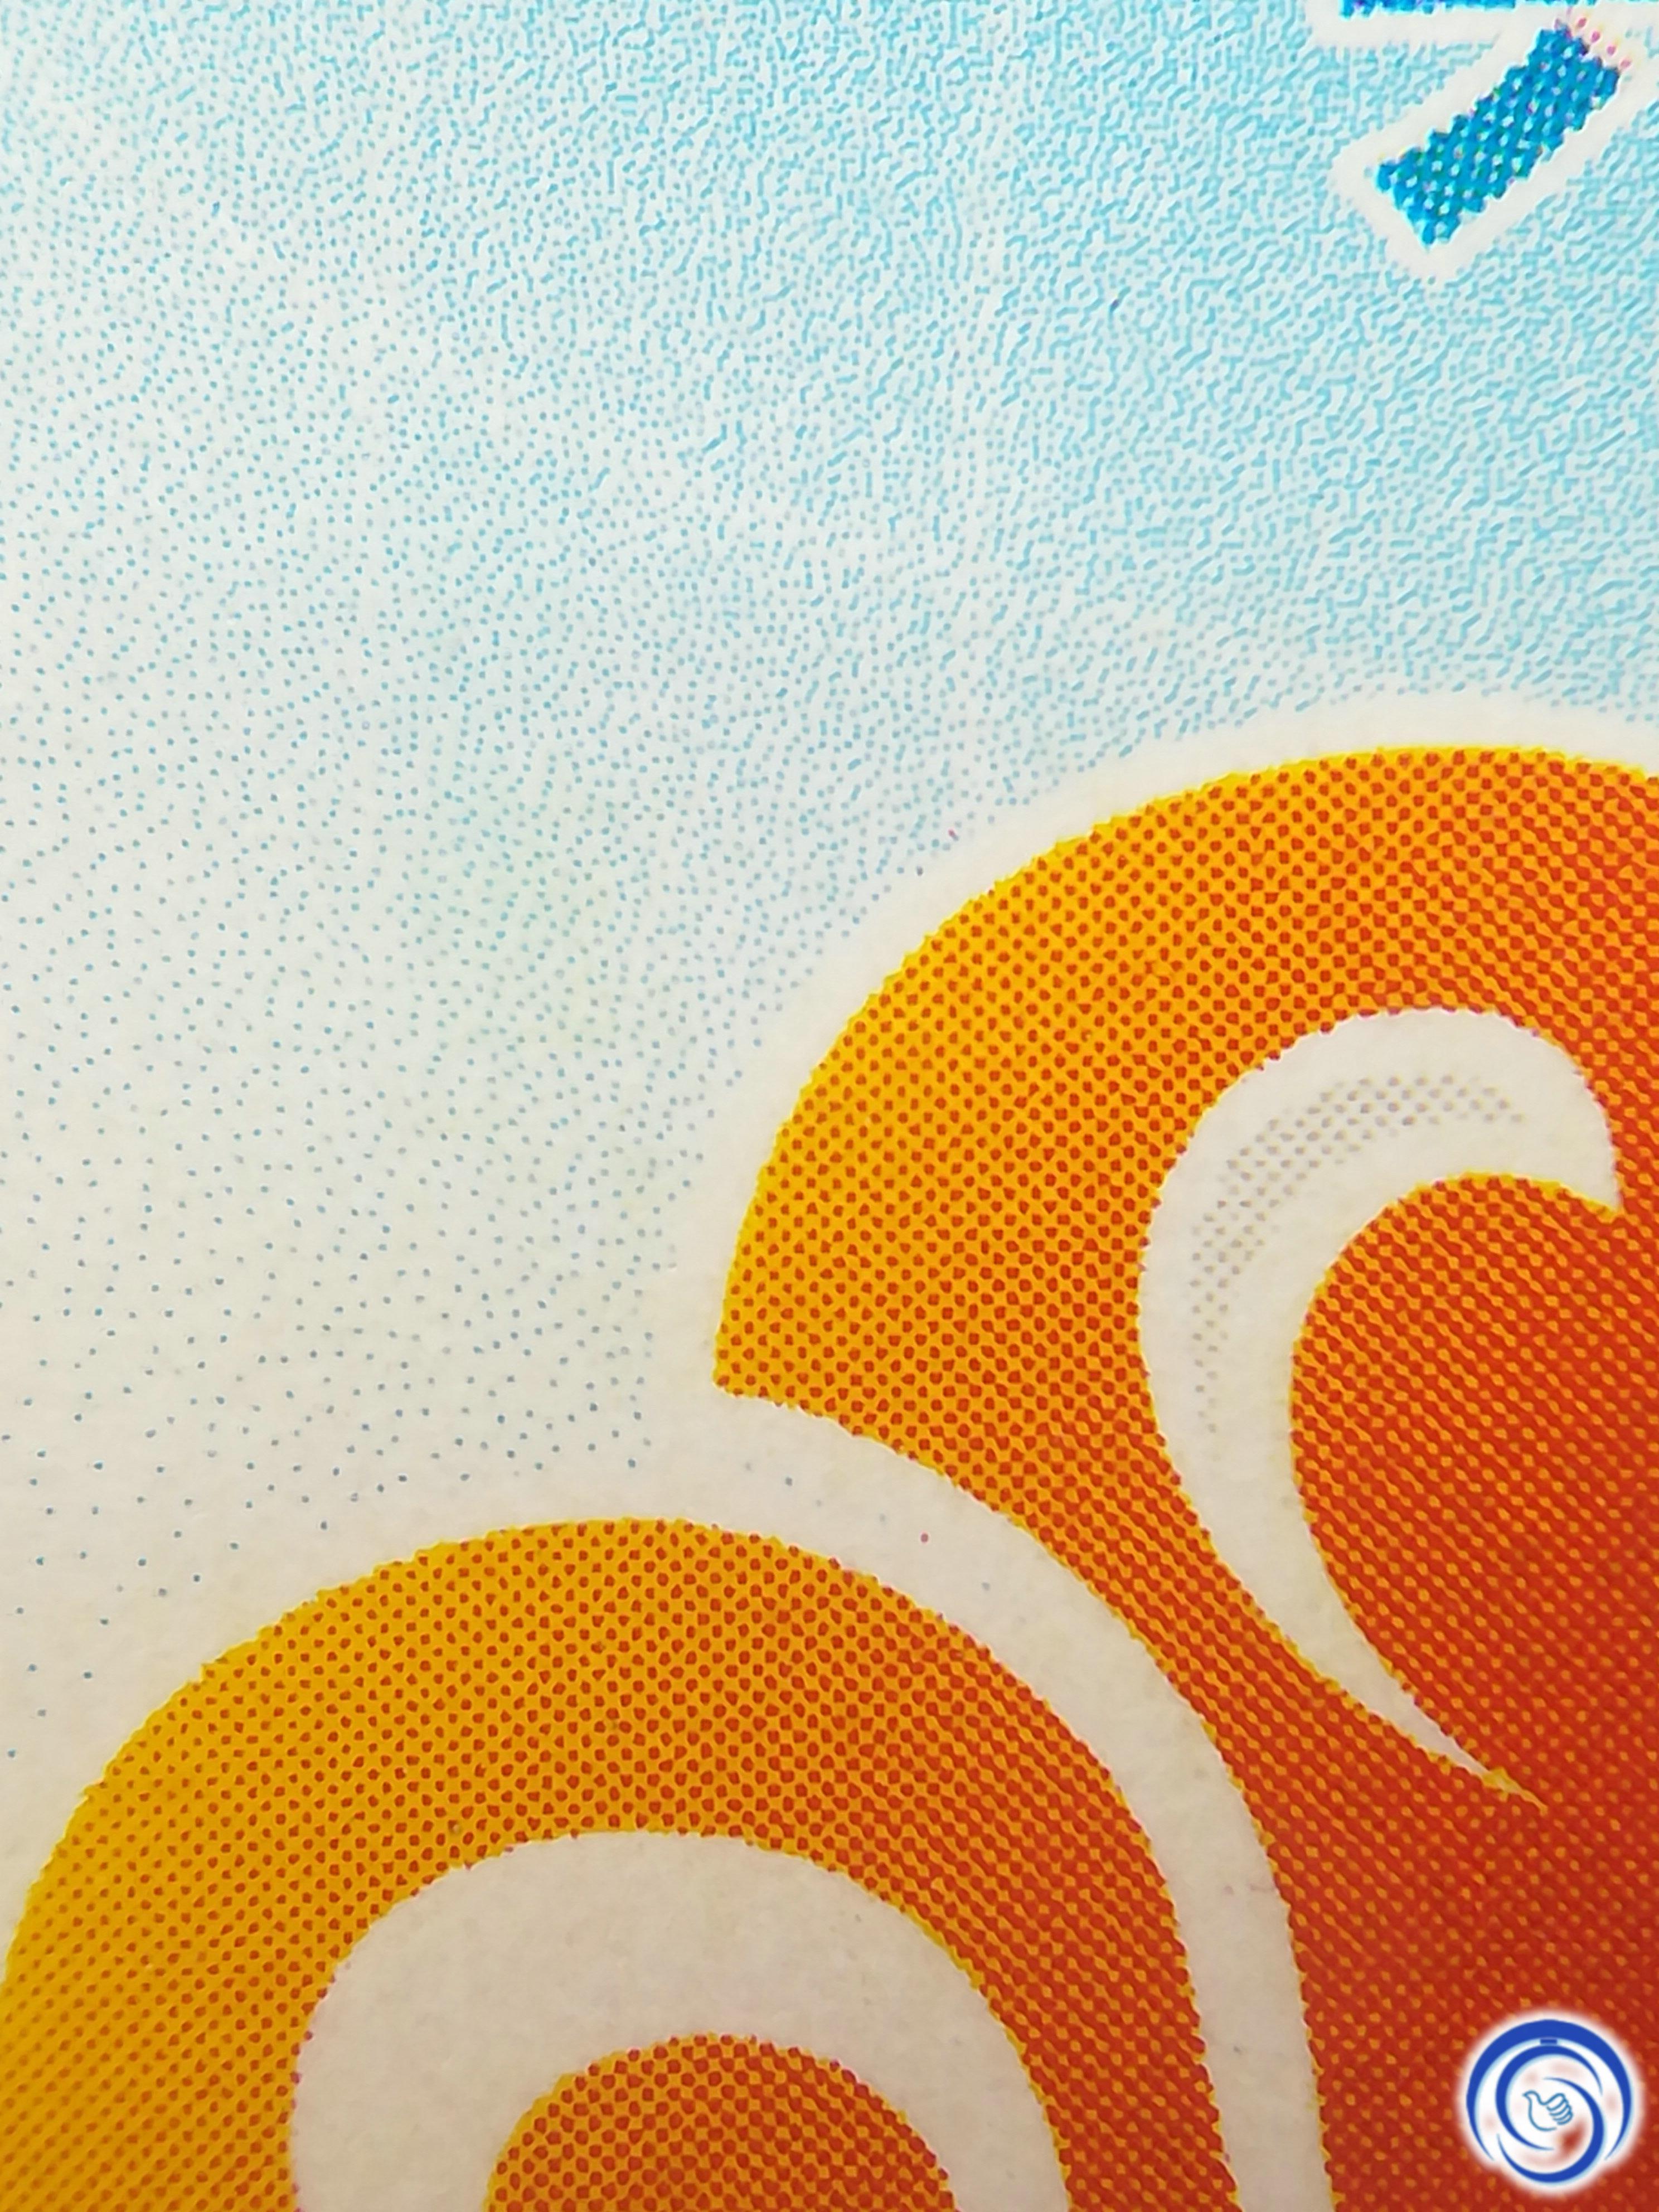 调幅胶版+调频胶版混合印刷-2